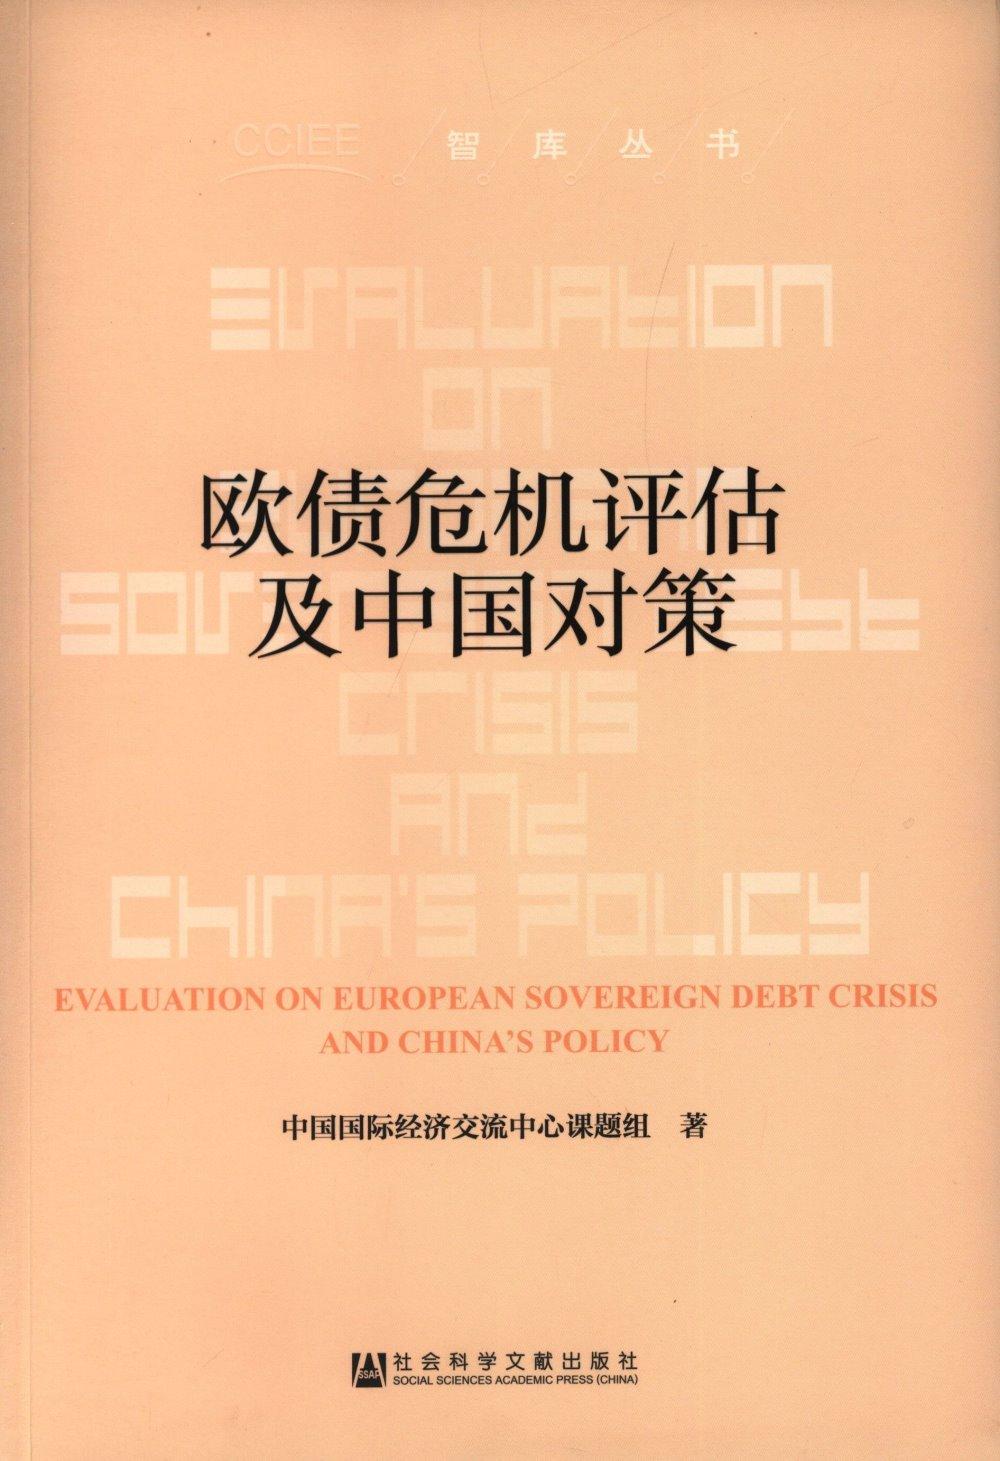 歐債危機評估及中國對策